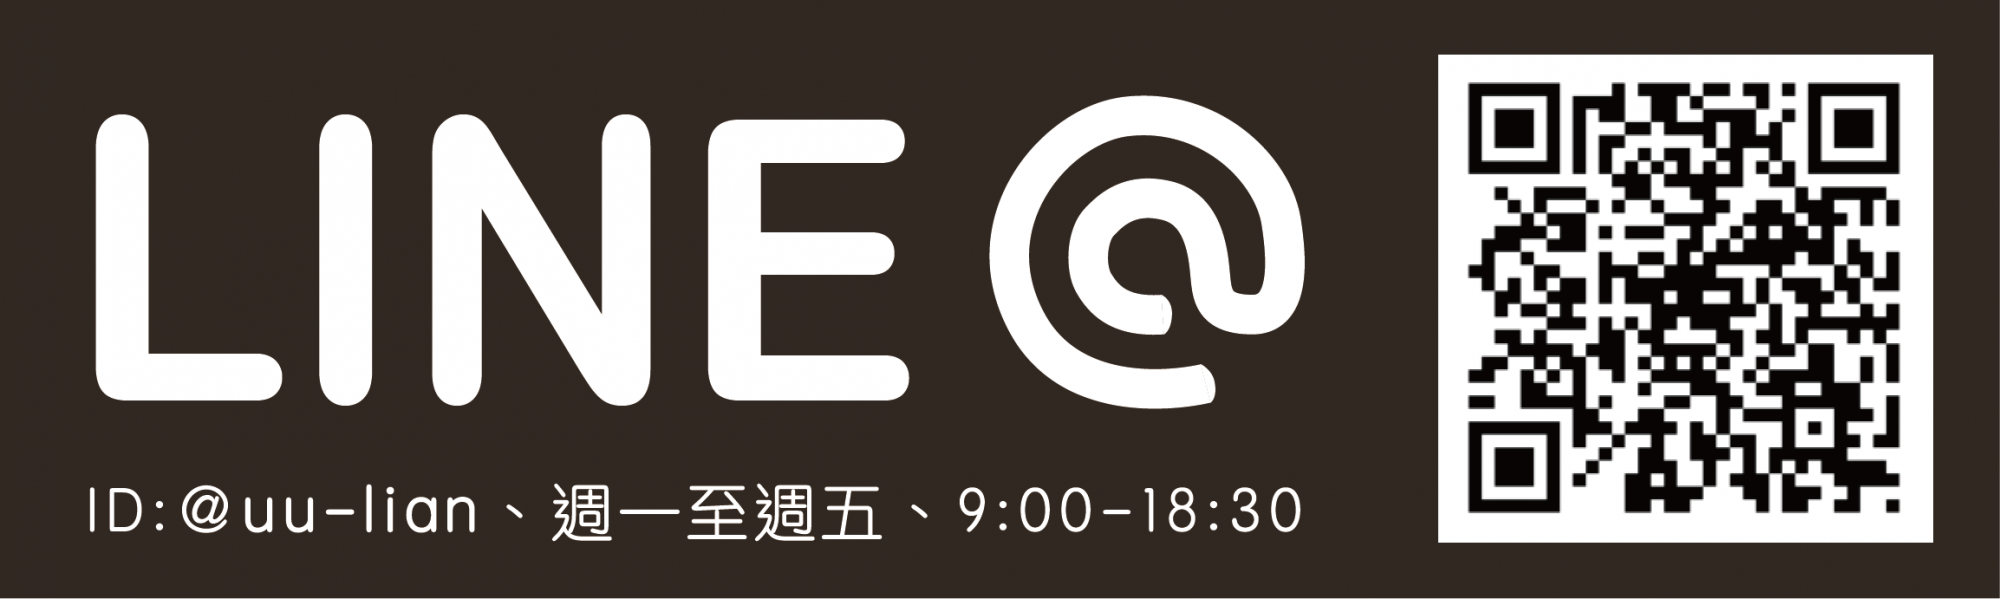 北京赛车网上投注-LINE線上客服